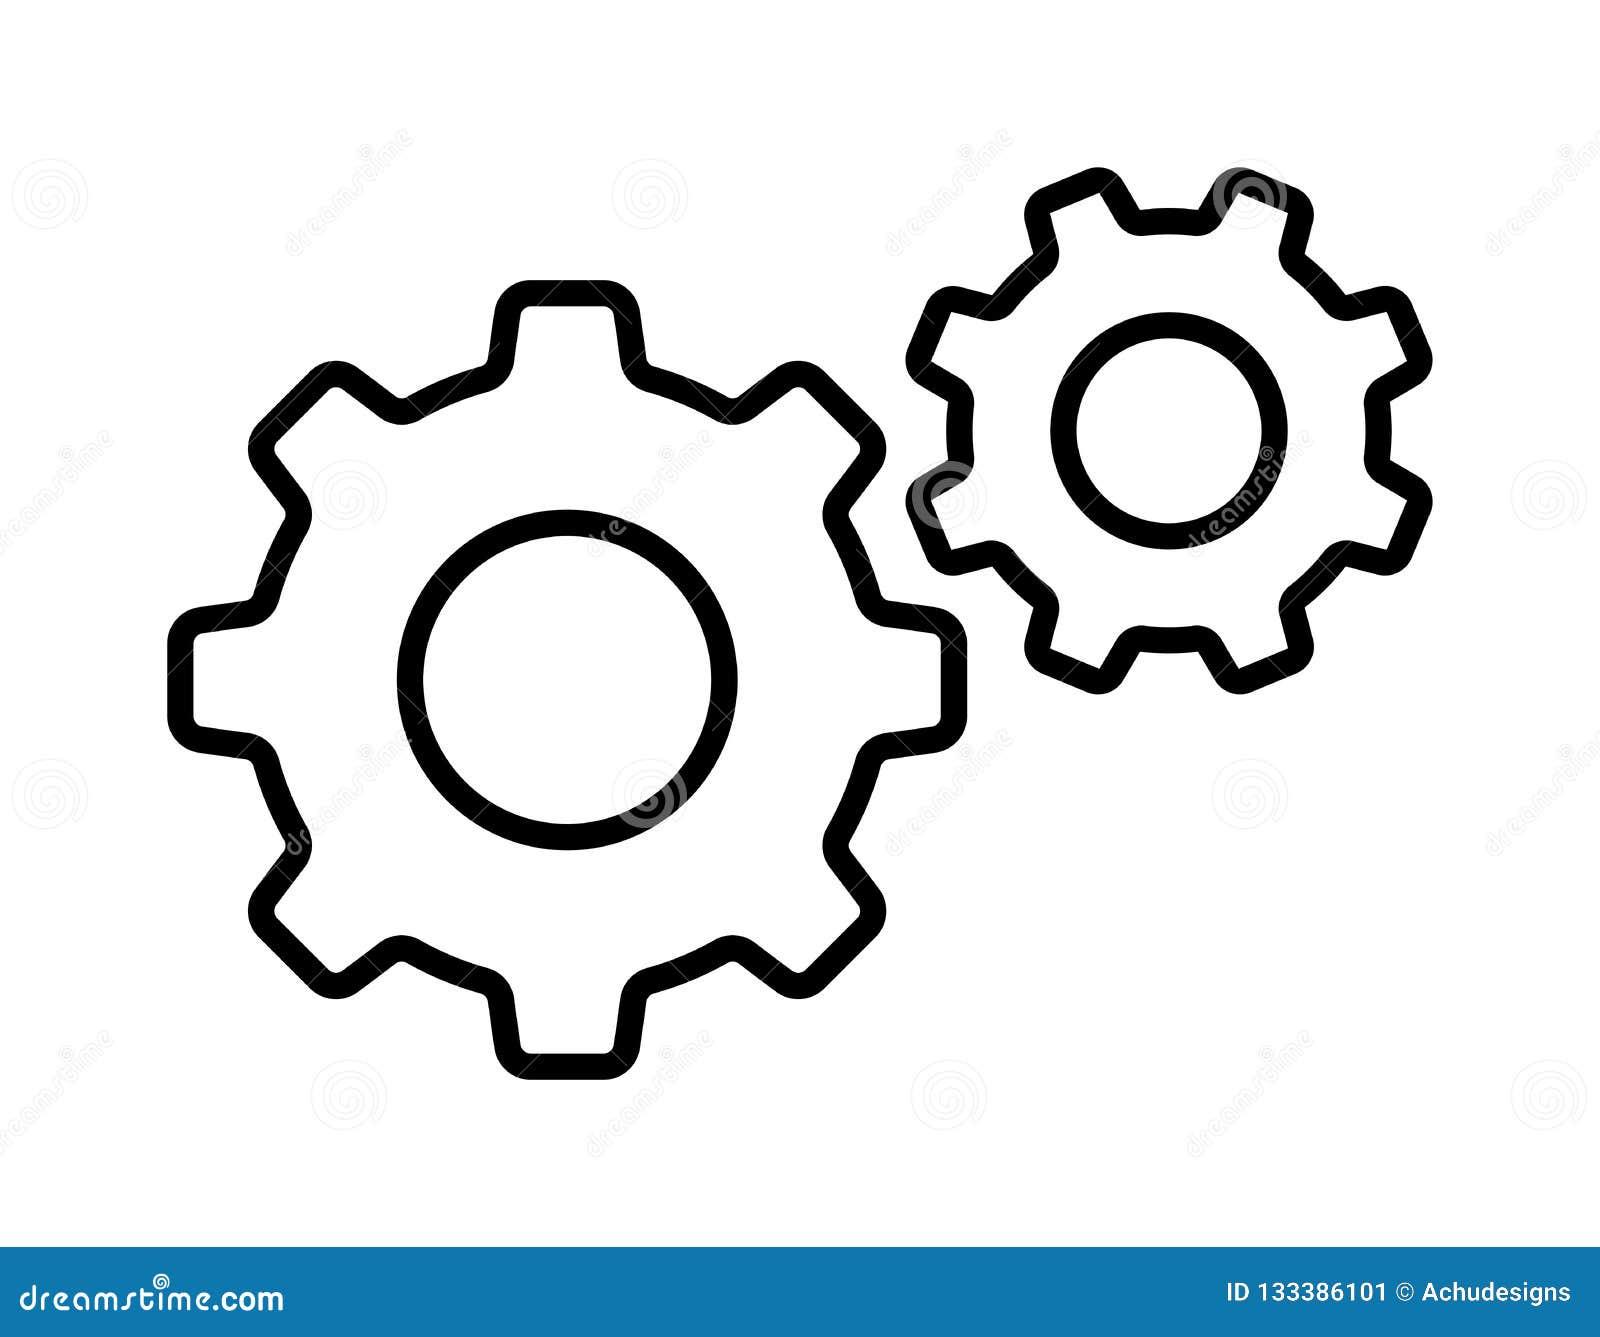 Setting gear icon